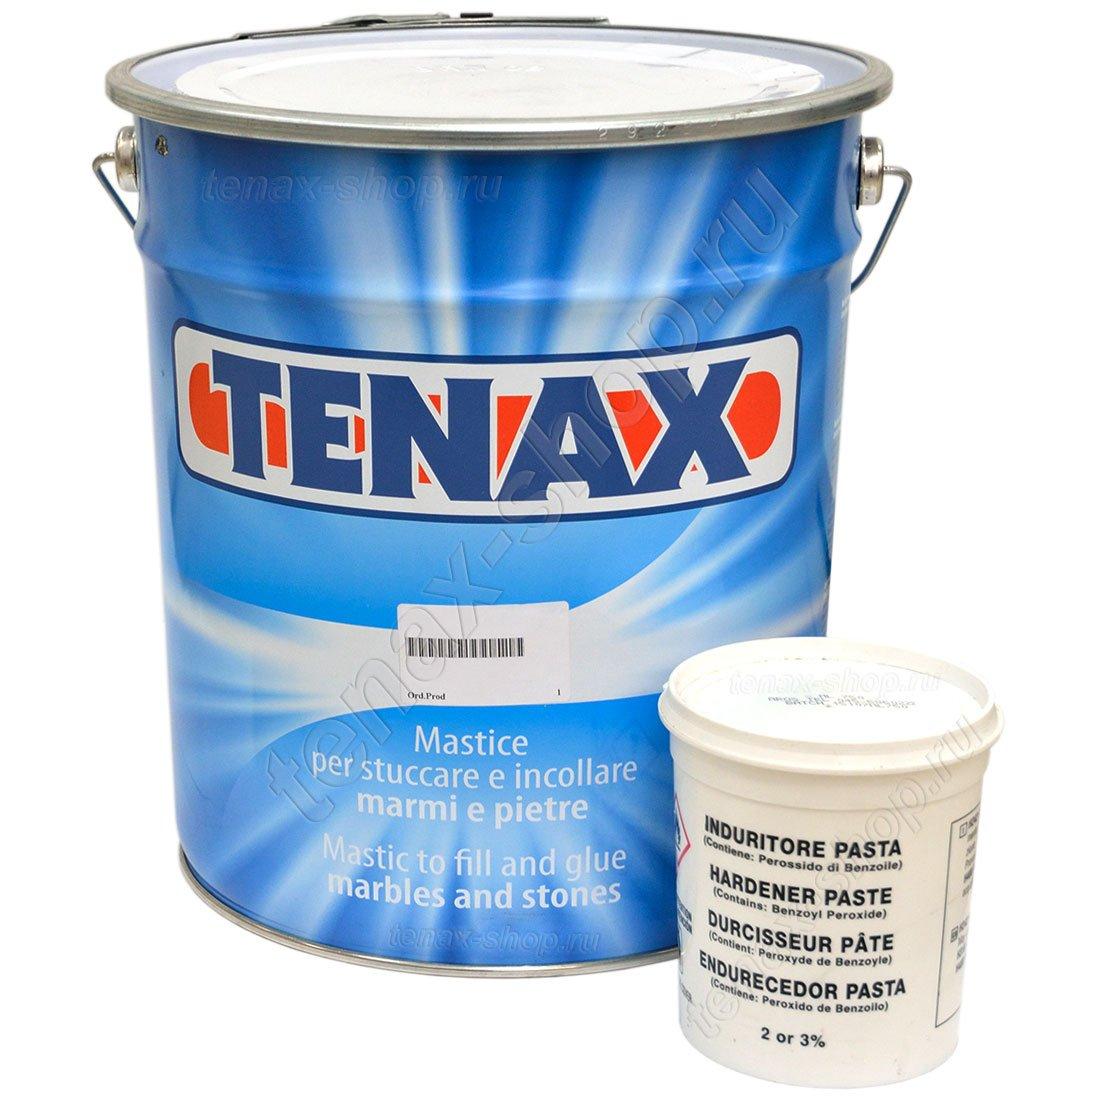 Tenax мастика купить полиуретановый герметик для кровли